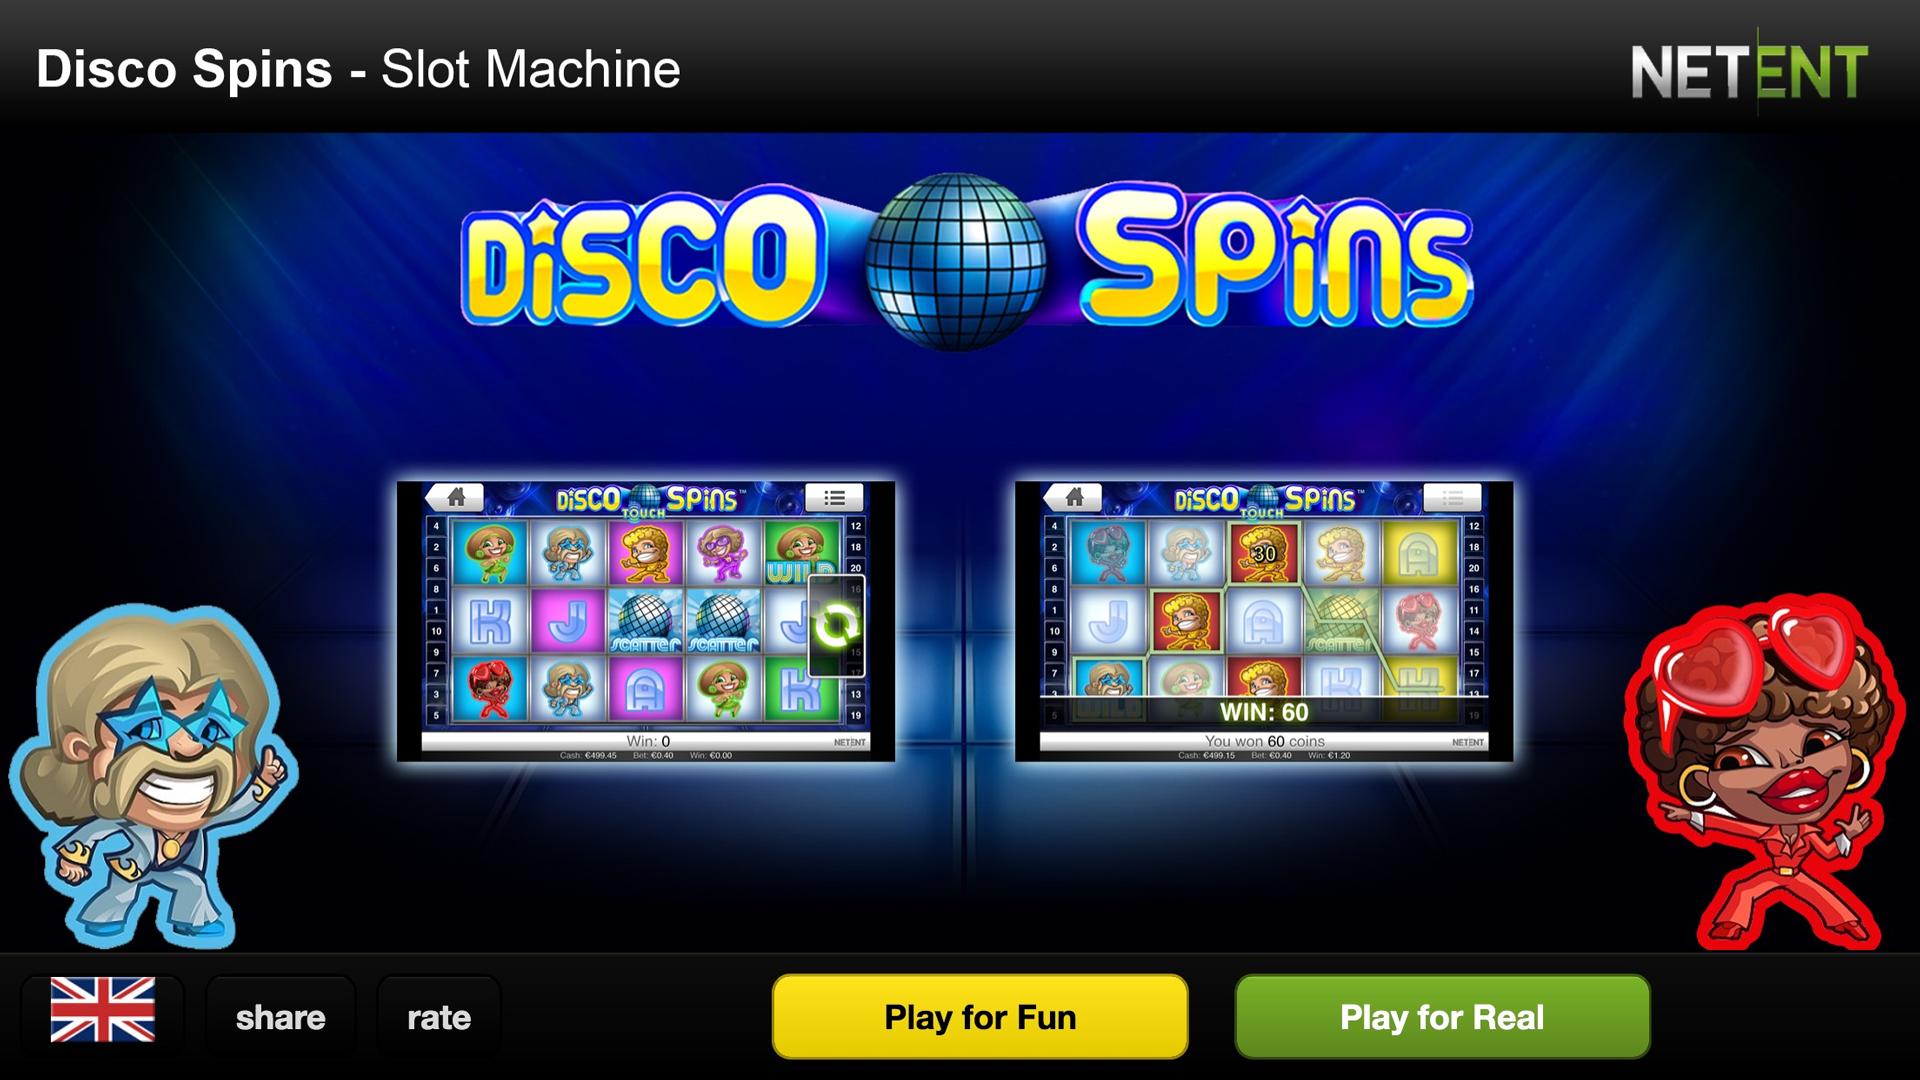 Costo slot machine